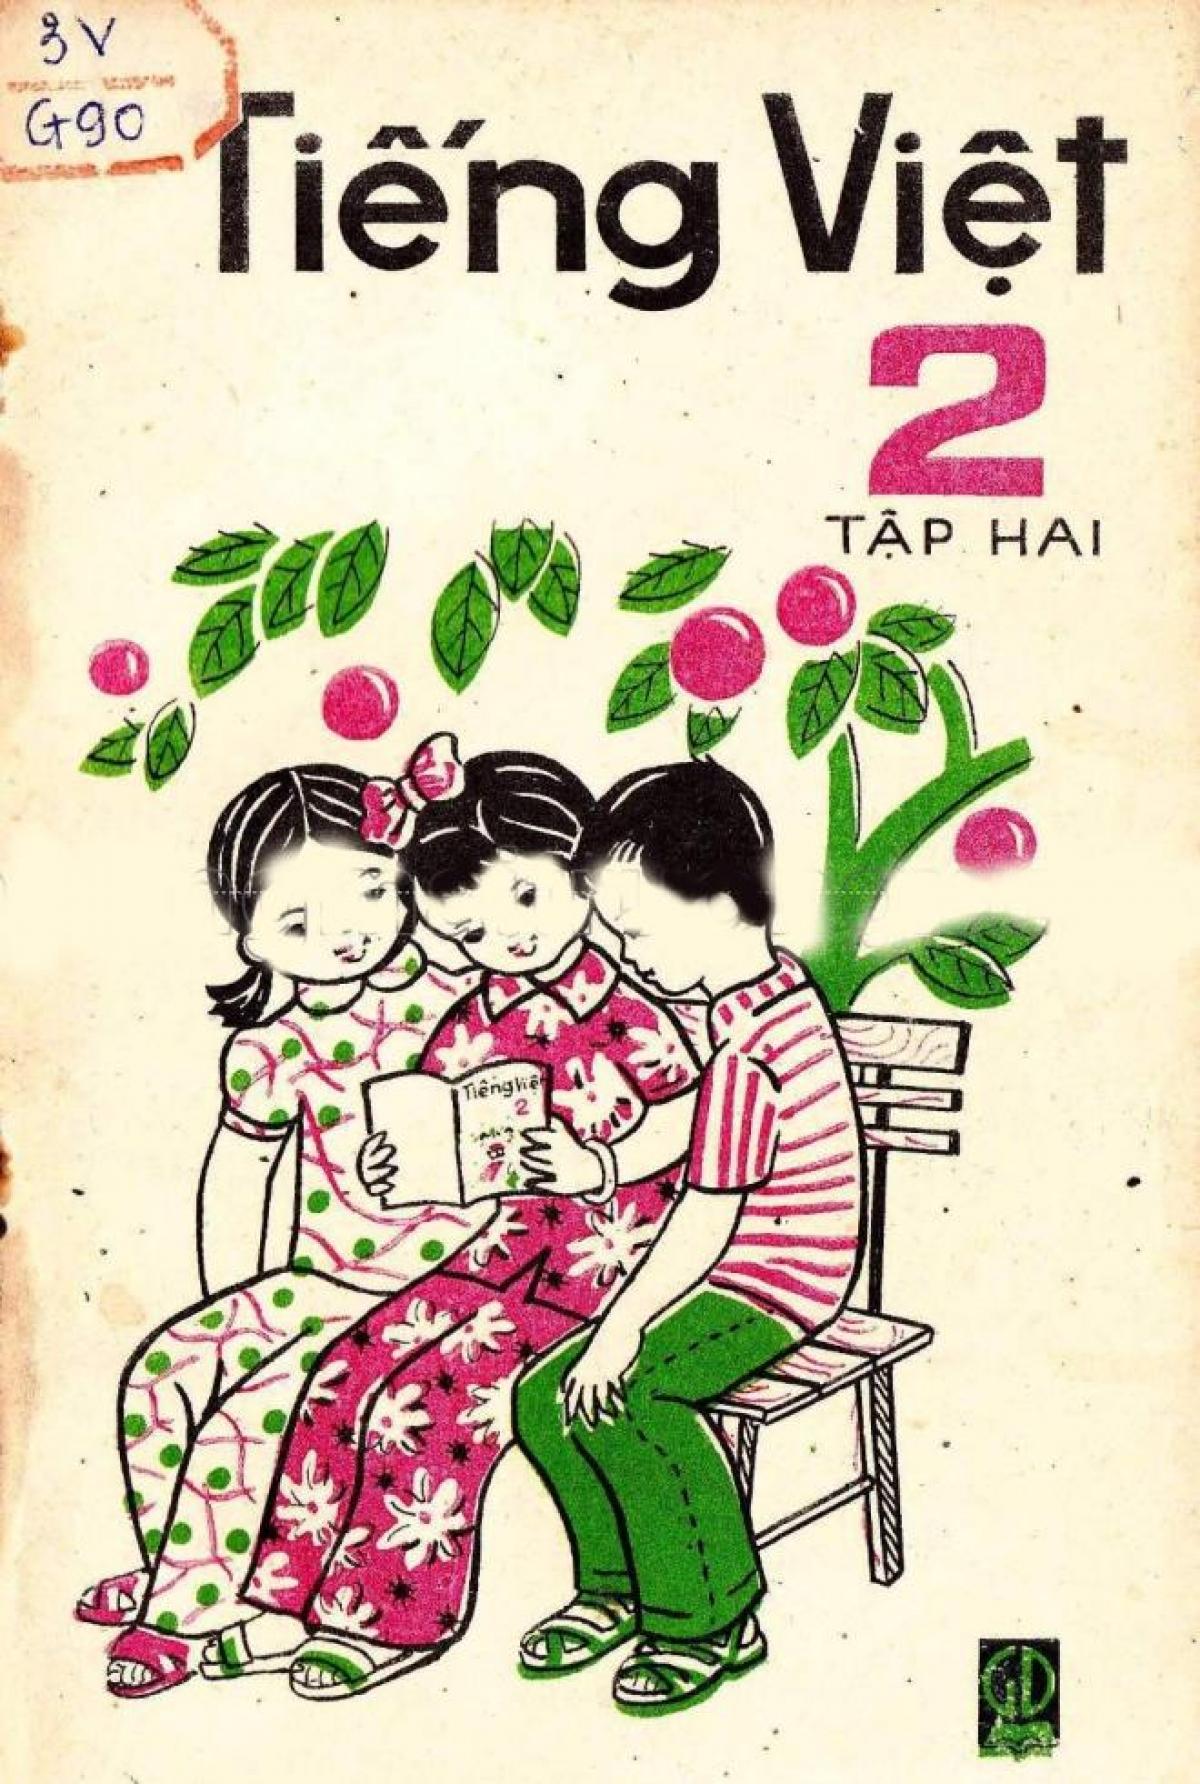 Sách Tiếng Việt lớp 2 tập 2, xuất bản năm 1985.